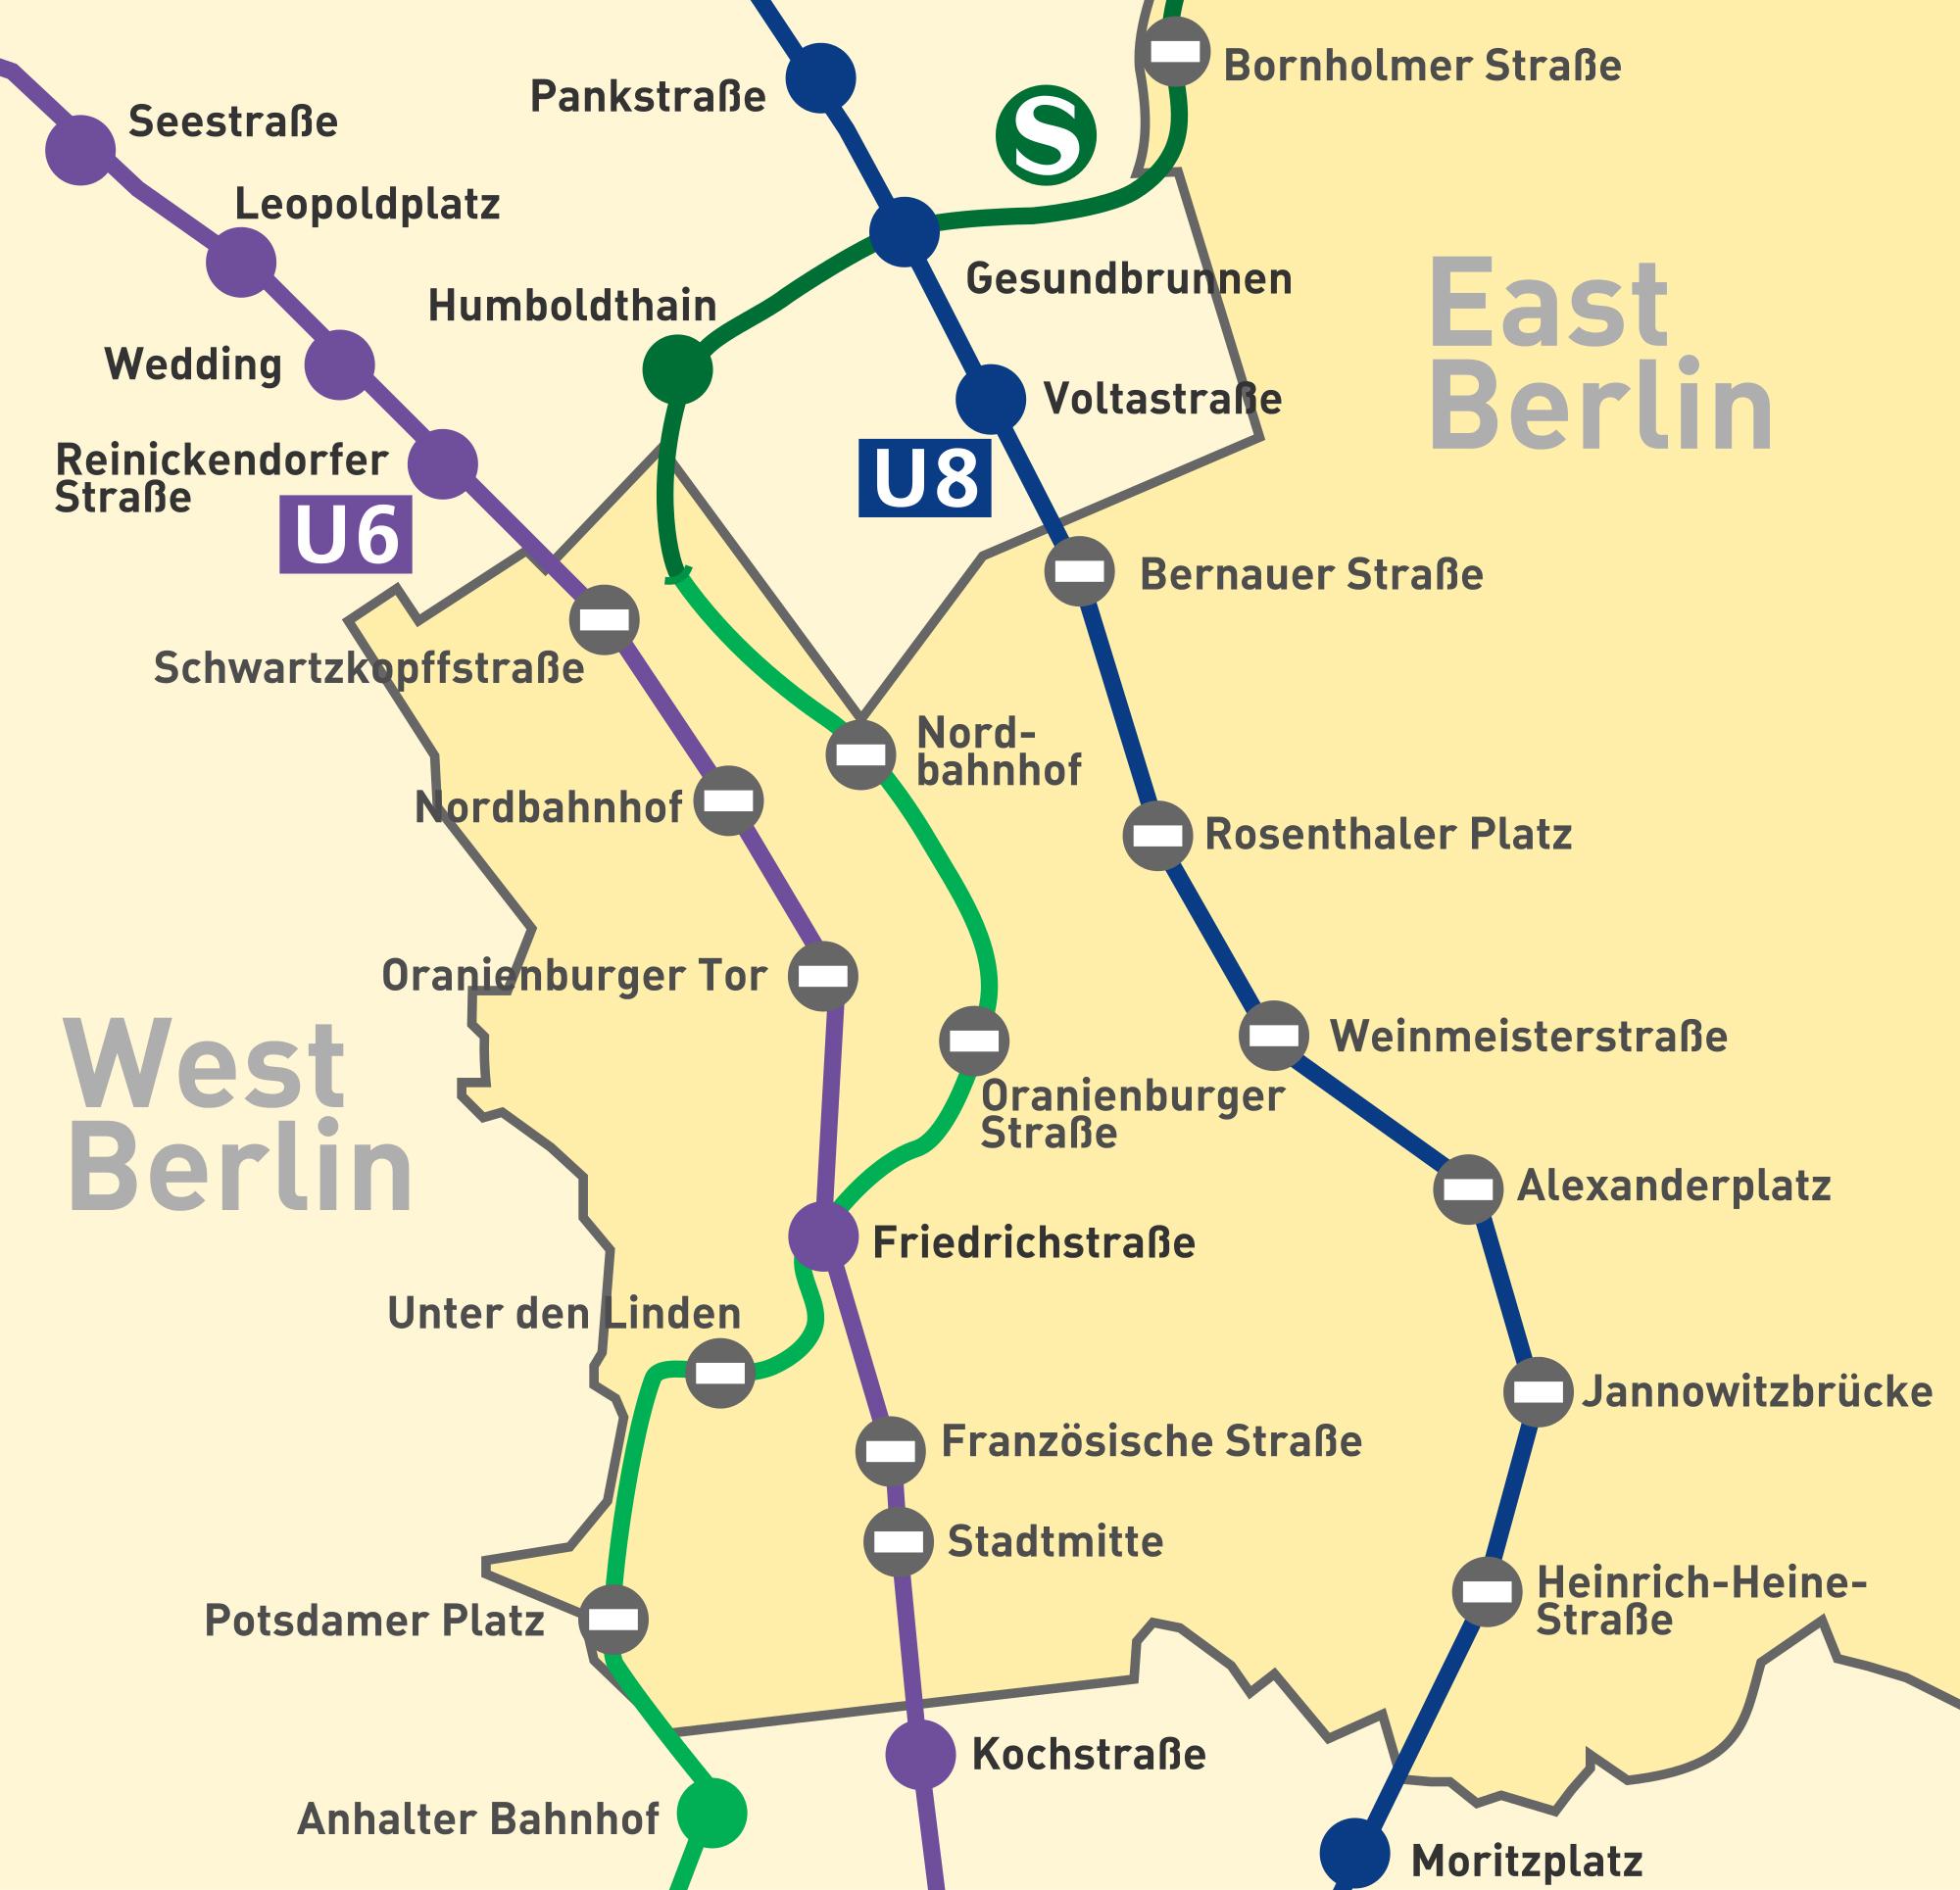 """Mapa das linhas de metrô e trem urbano de Berlim Ocidental que passavam pelo lado oriental. As bolinhas com """"-"""" indicam estações fechadas"""